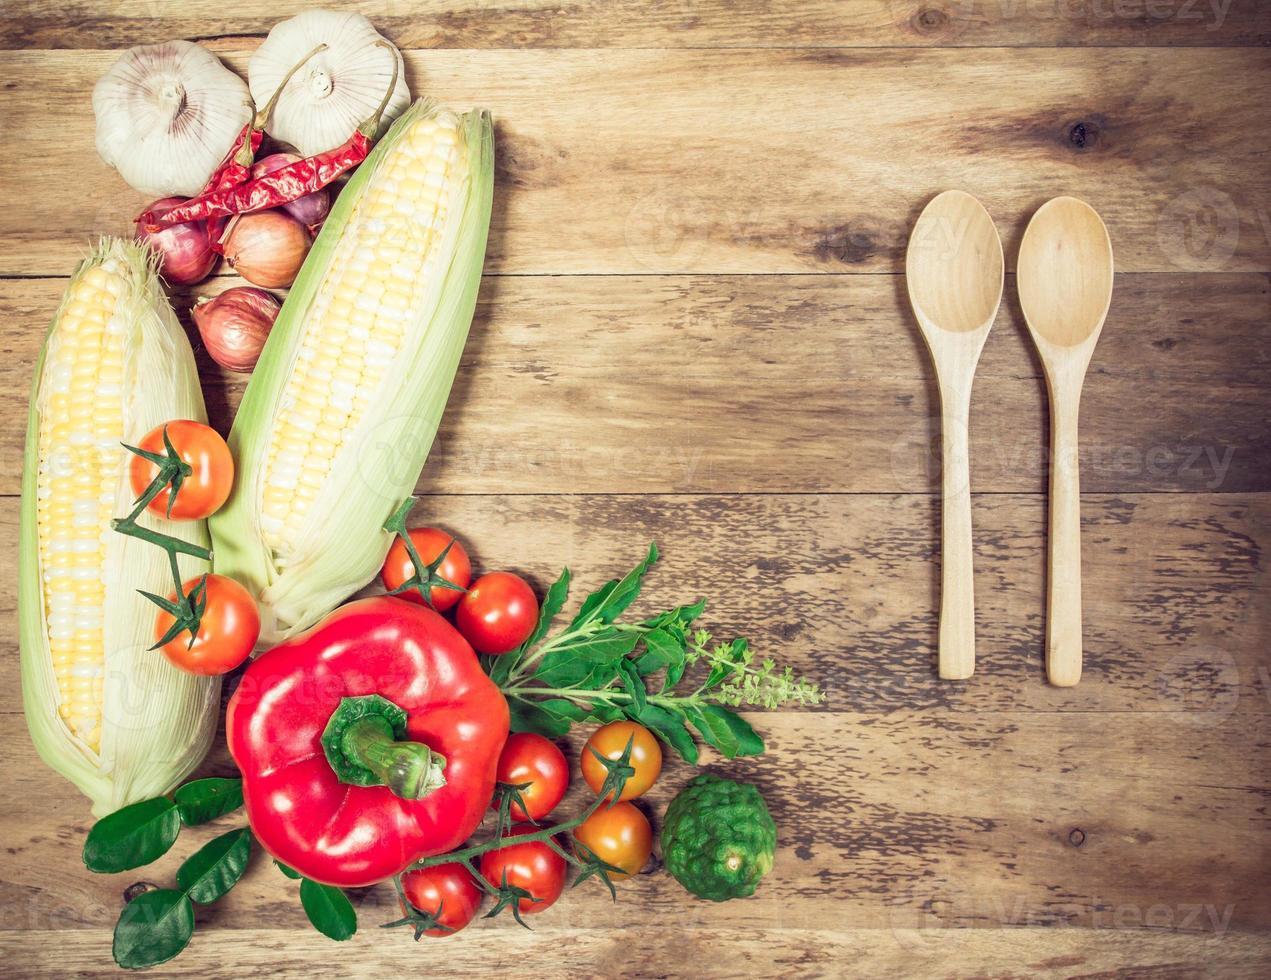 verse biologische groenten en kruiden op een houten achtergrond. foto